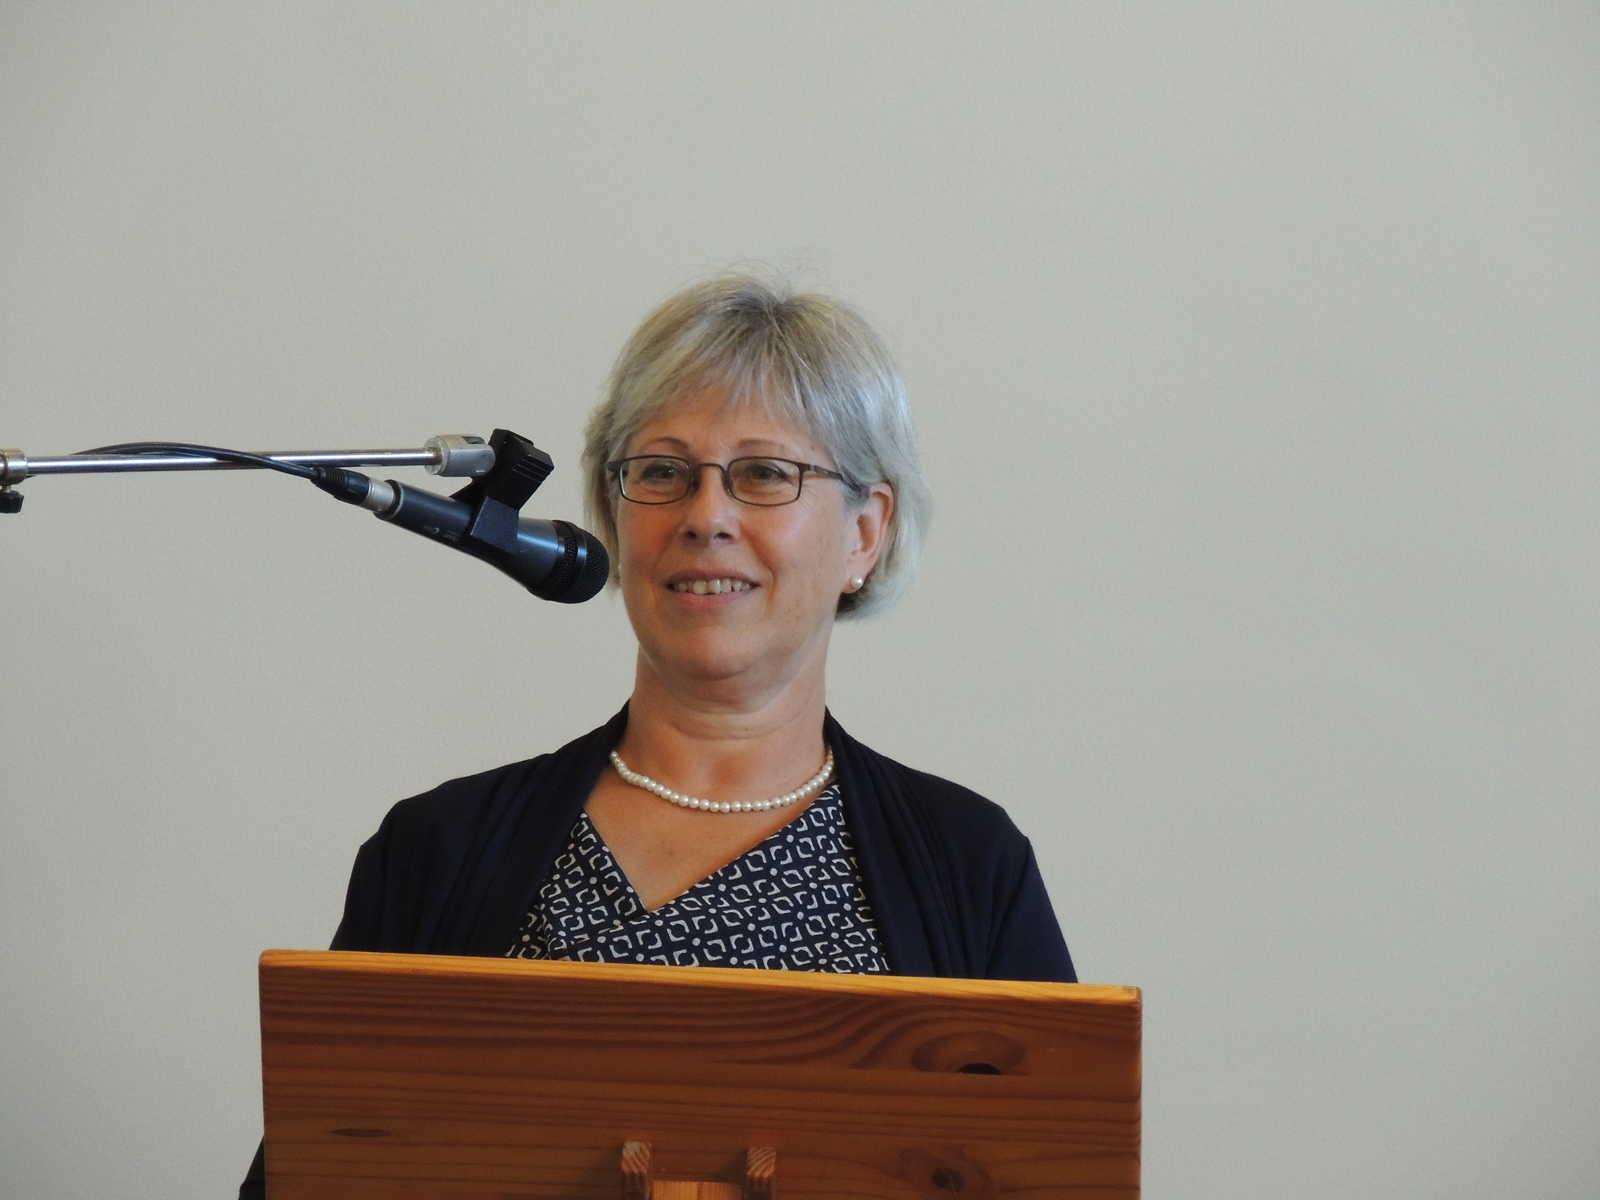 voorzitter Anneke van Wordragen van de Stichting